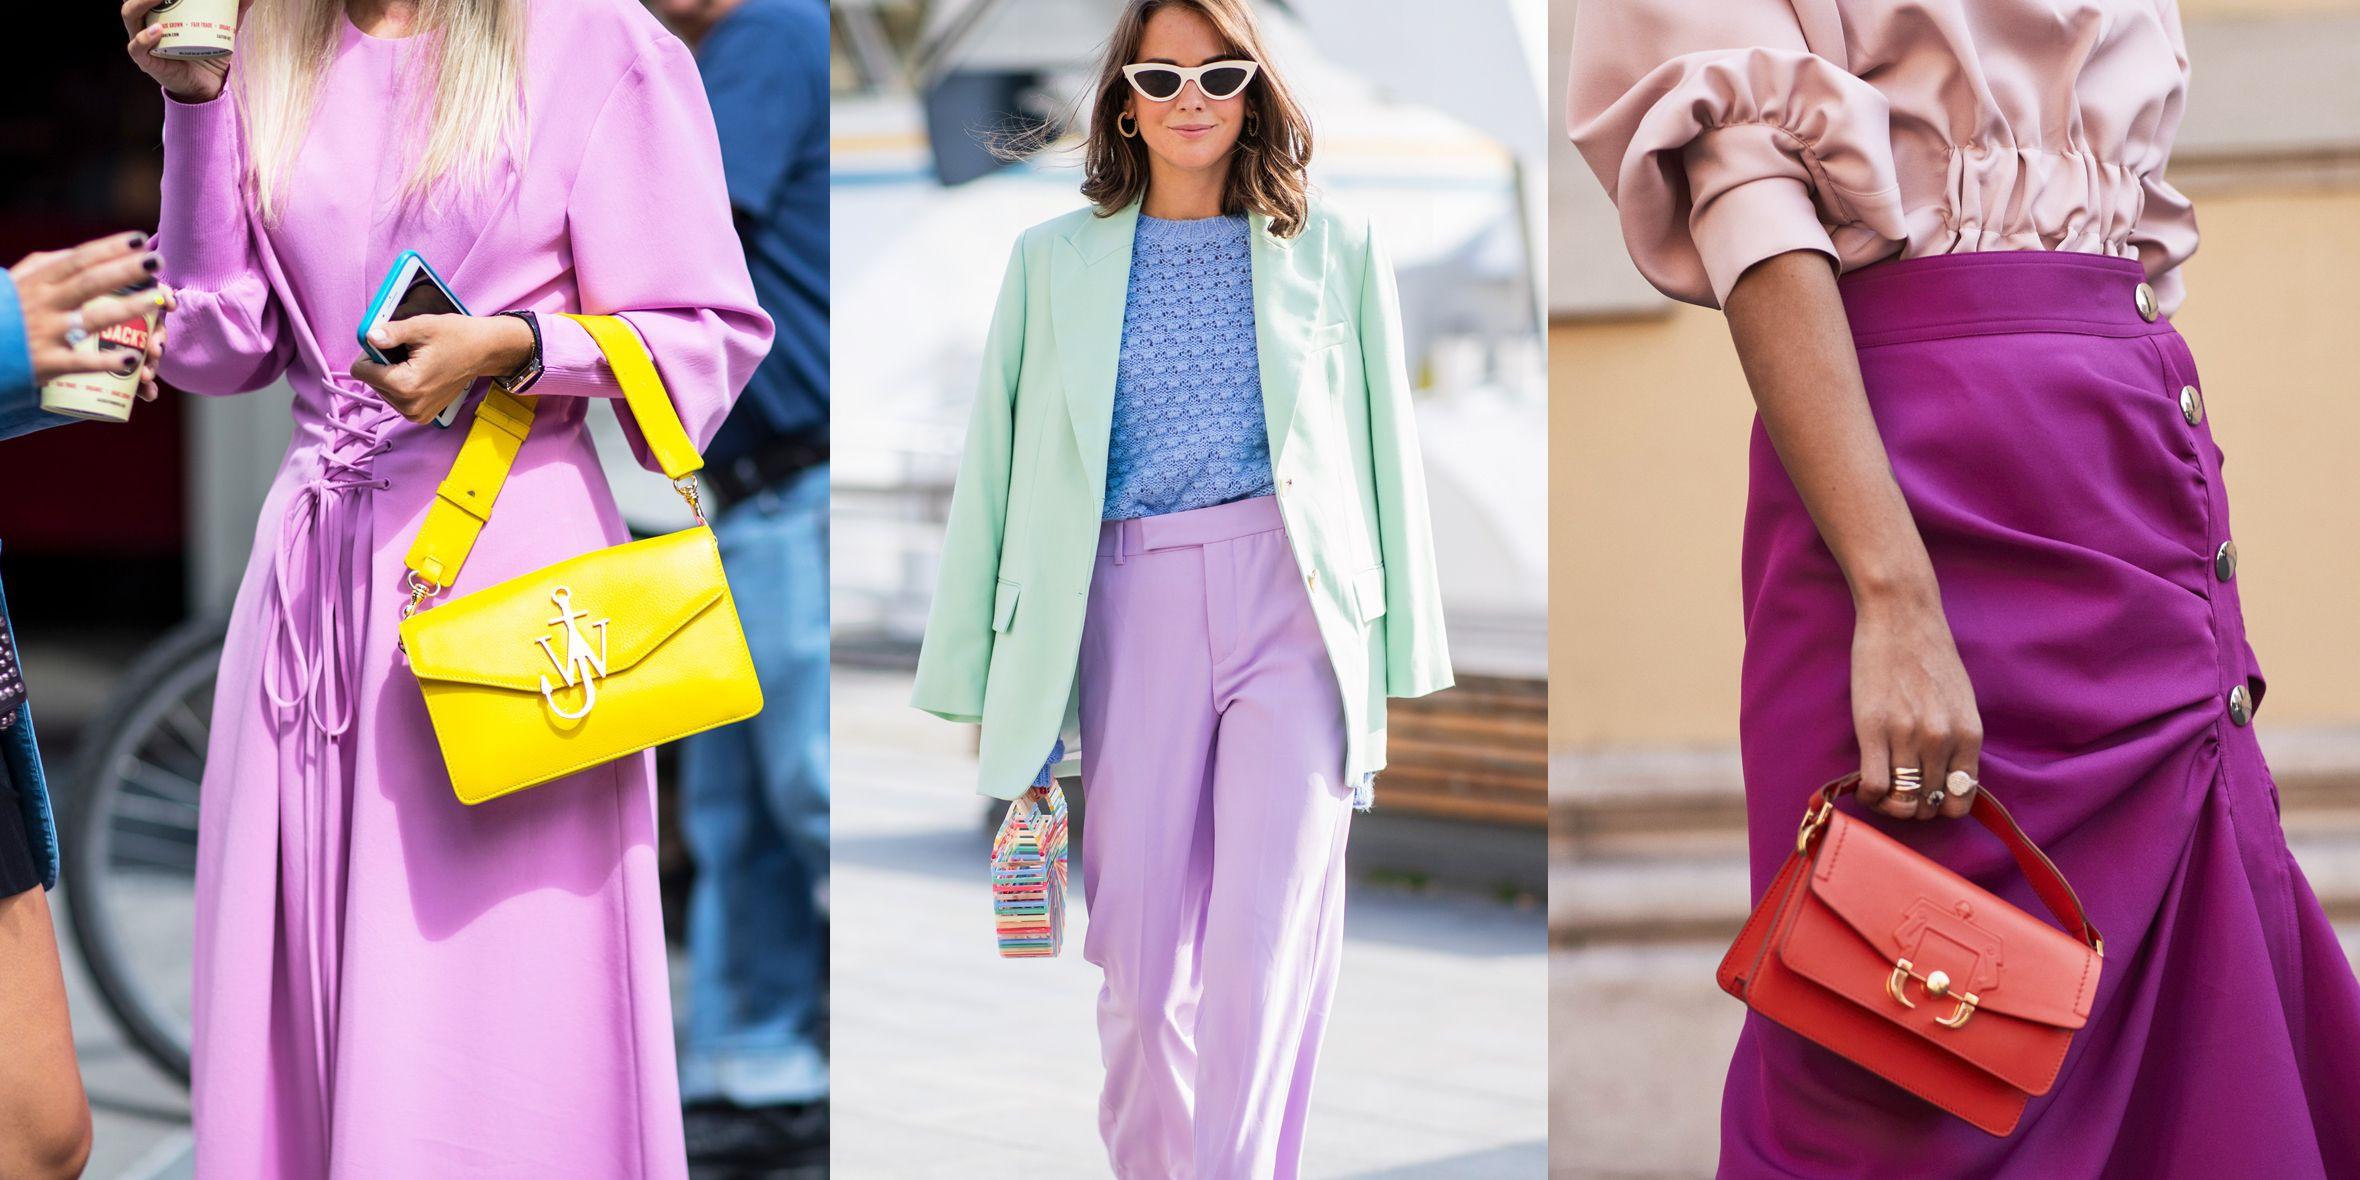 Colori Da Abbinare Al Rosa moda 2019, come abbinare i colori per creare outfit cool